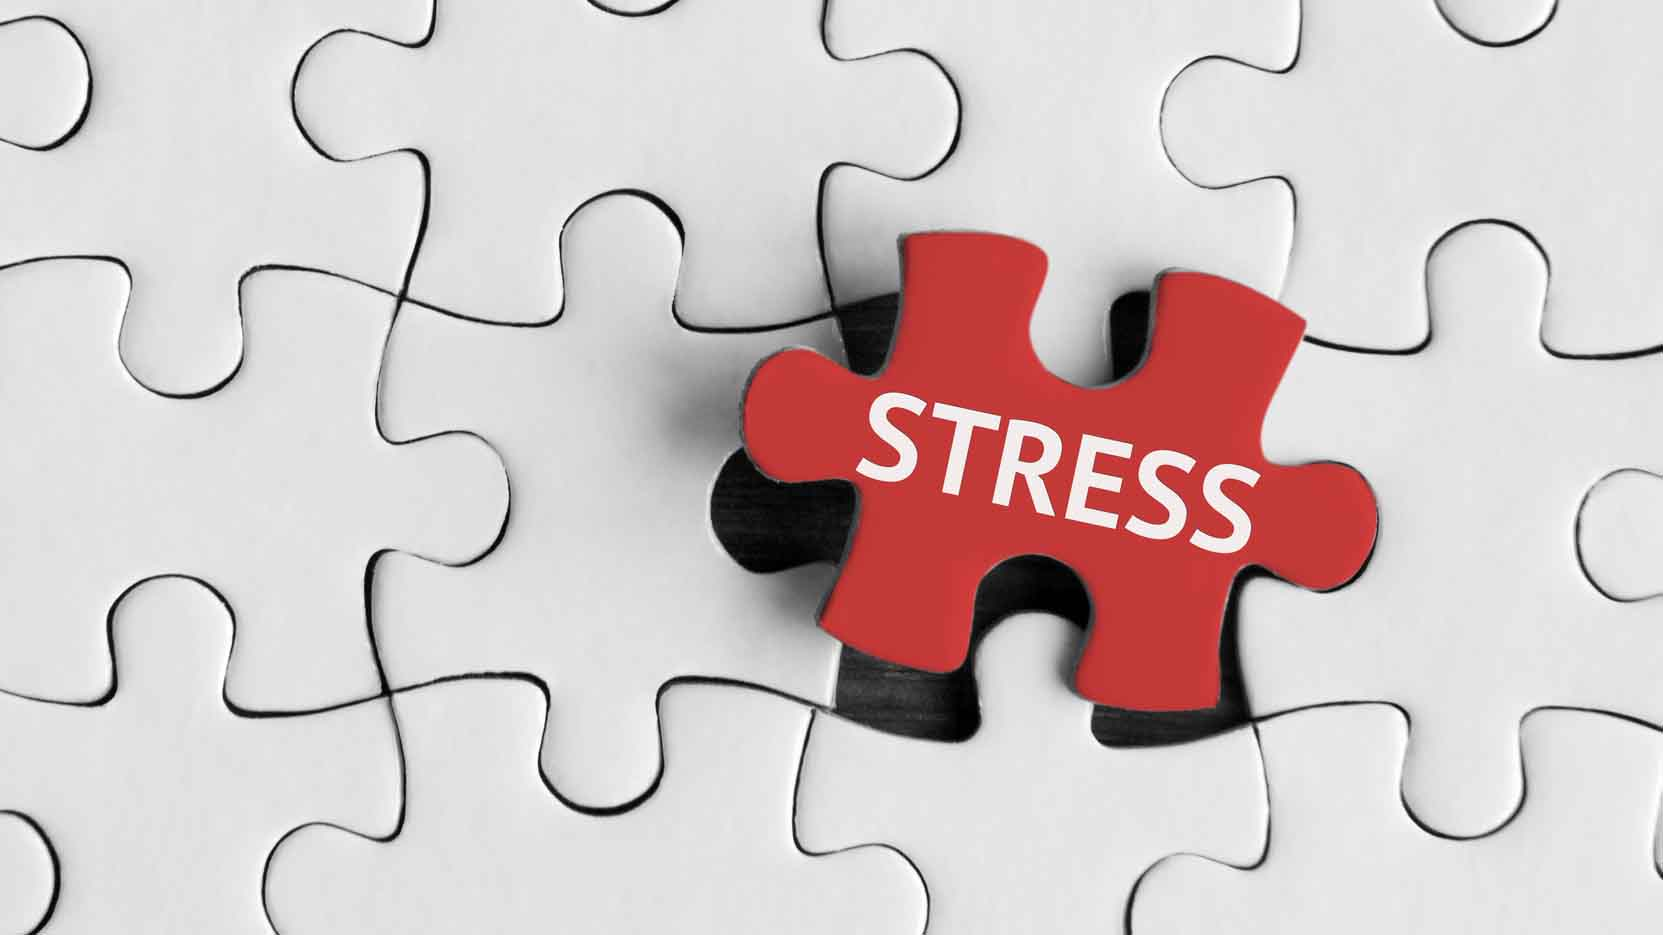 stress test 16x9